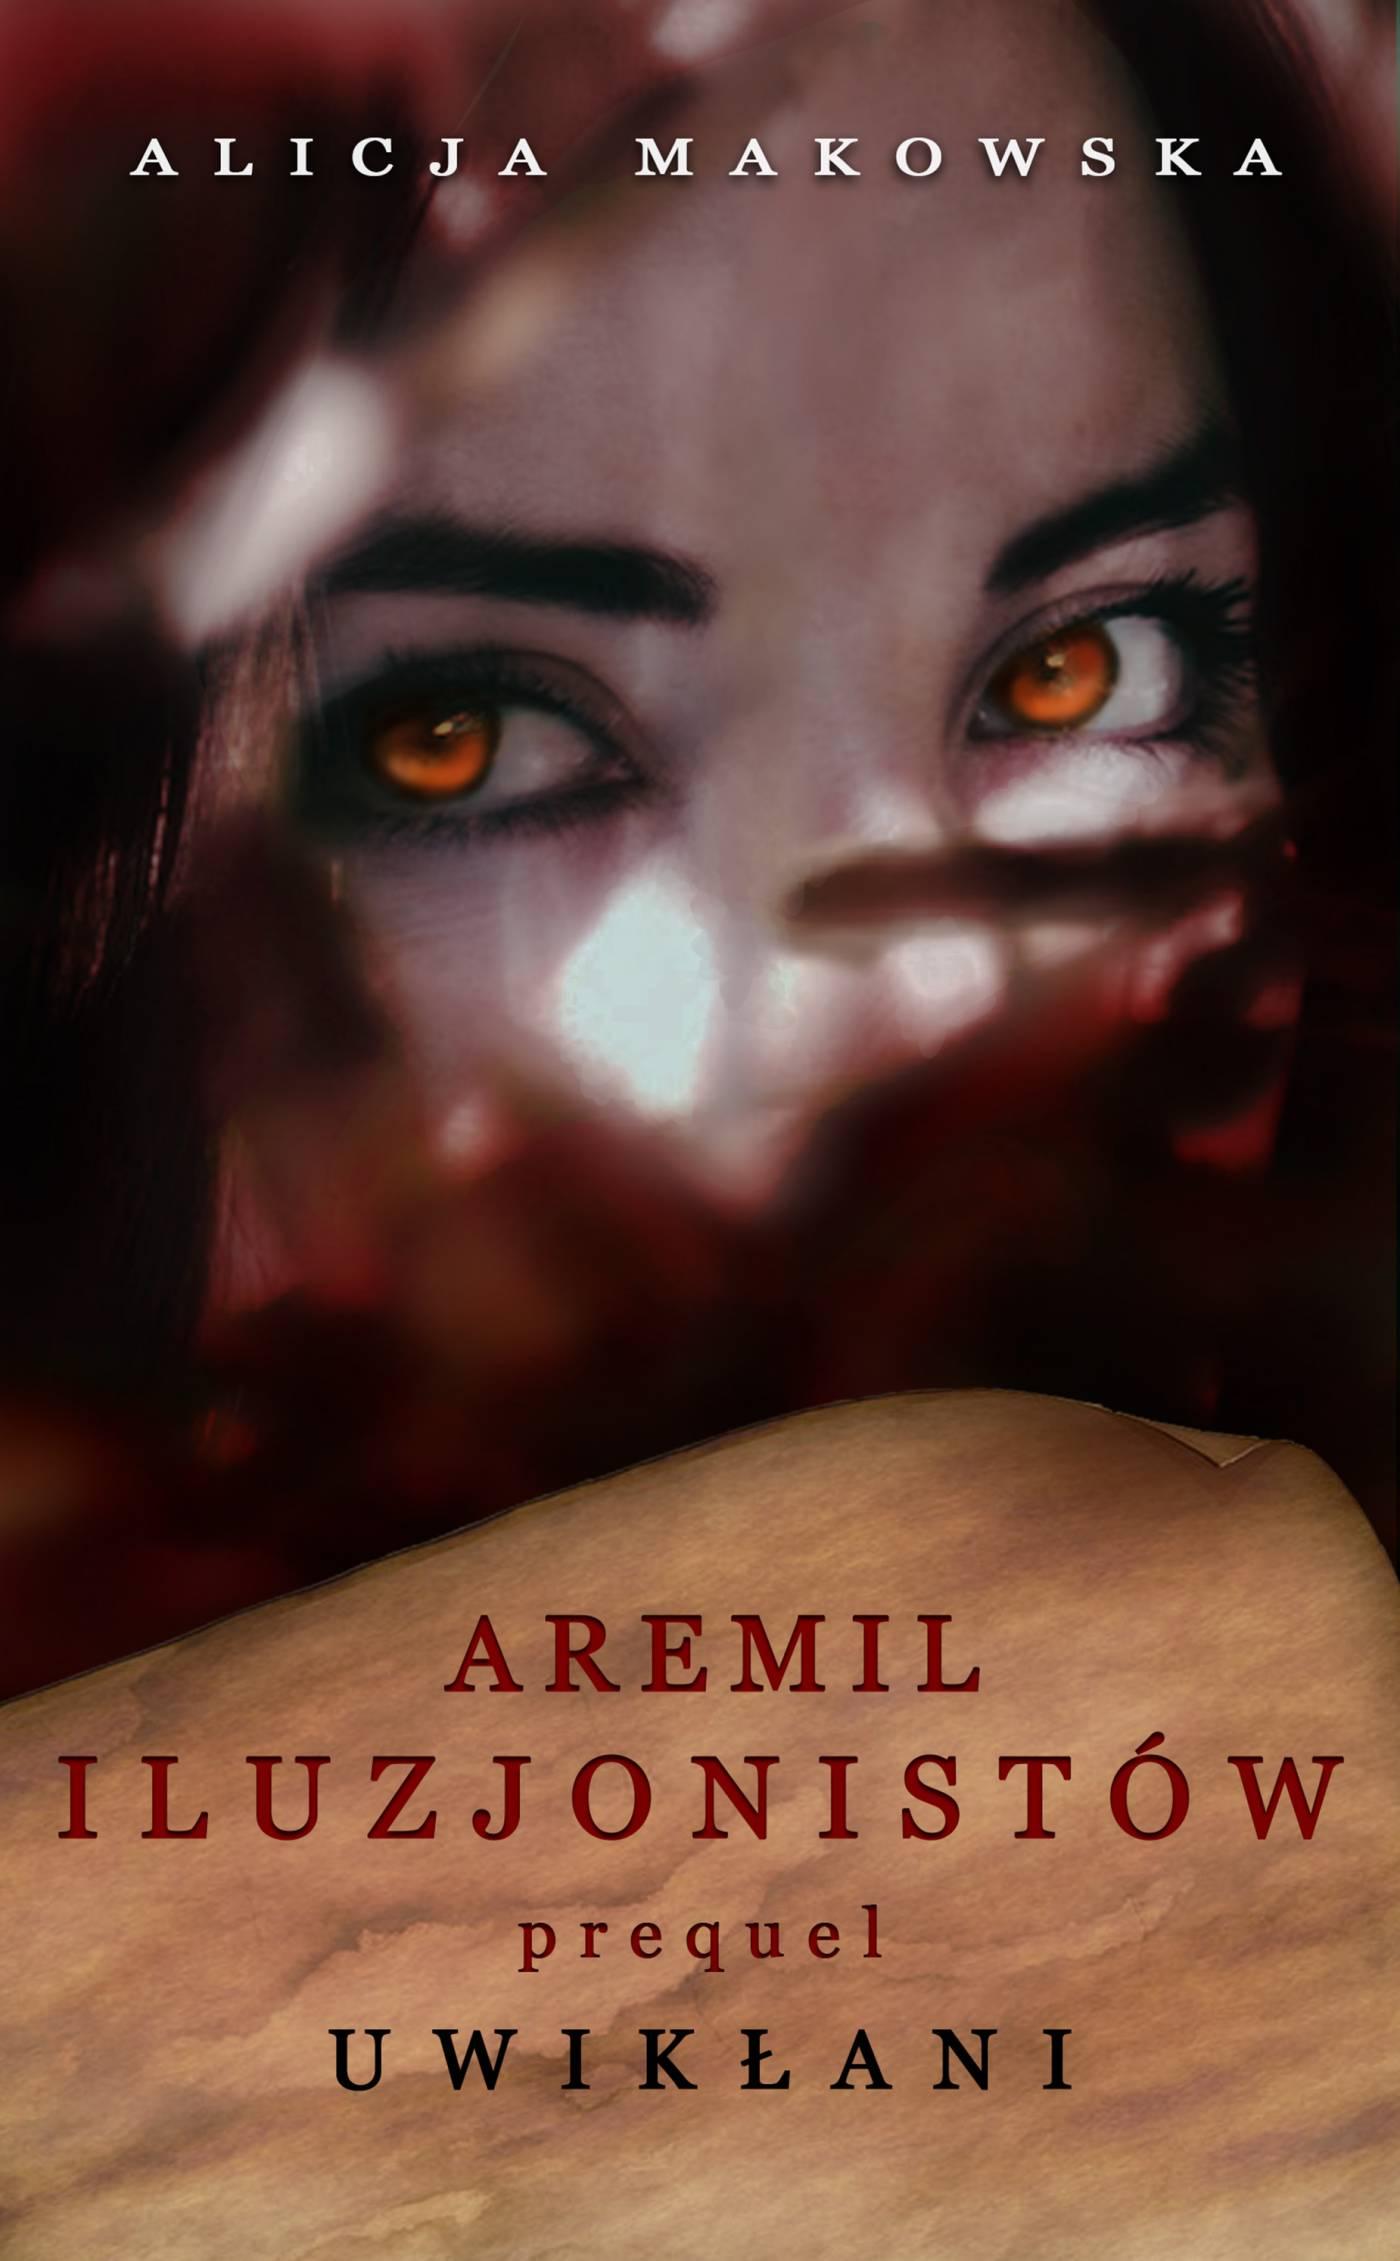 Aremil Iluzjonistów: Uwikłani - Ebook (Książka EPUB) do pobrania w formacie EPUB